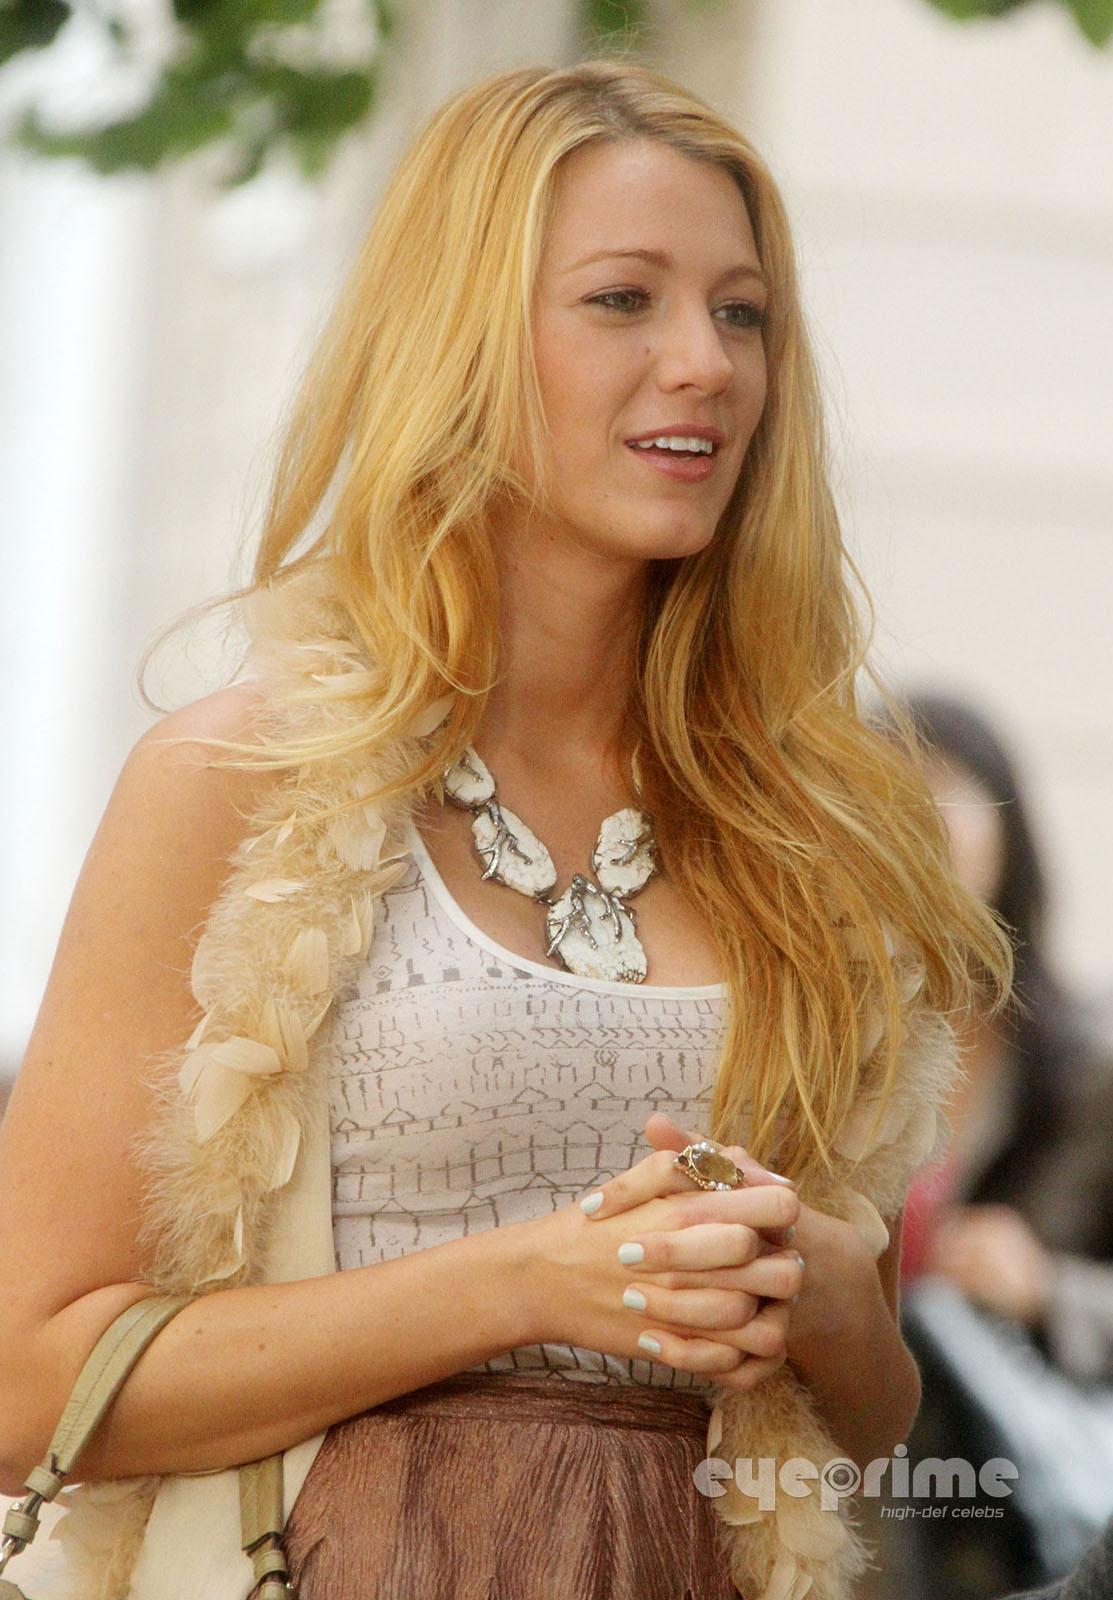 Blake Lively on the Set of Gossip Girl in New York, September 1